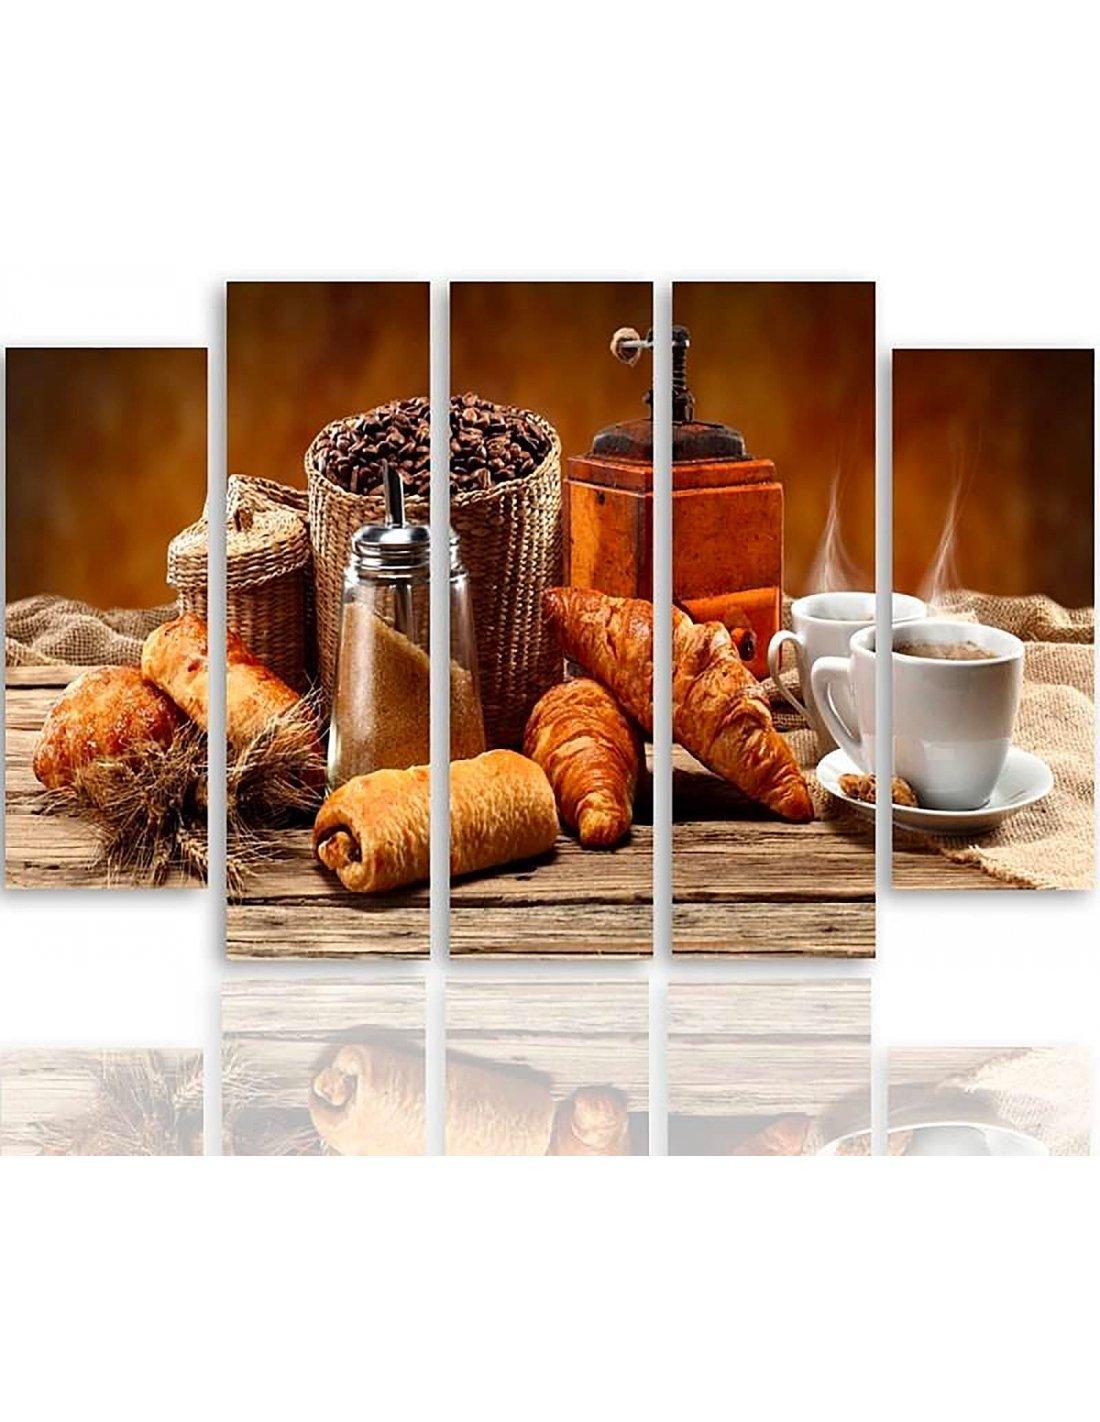 Rangement Petit Dejeuner Cuisine tableau petit dÉjeuner franÇais | feeby |